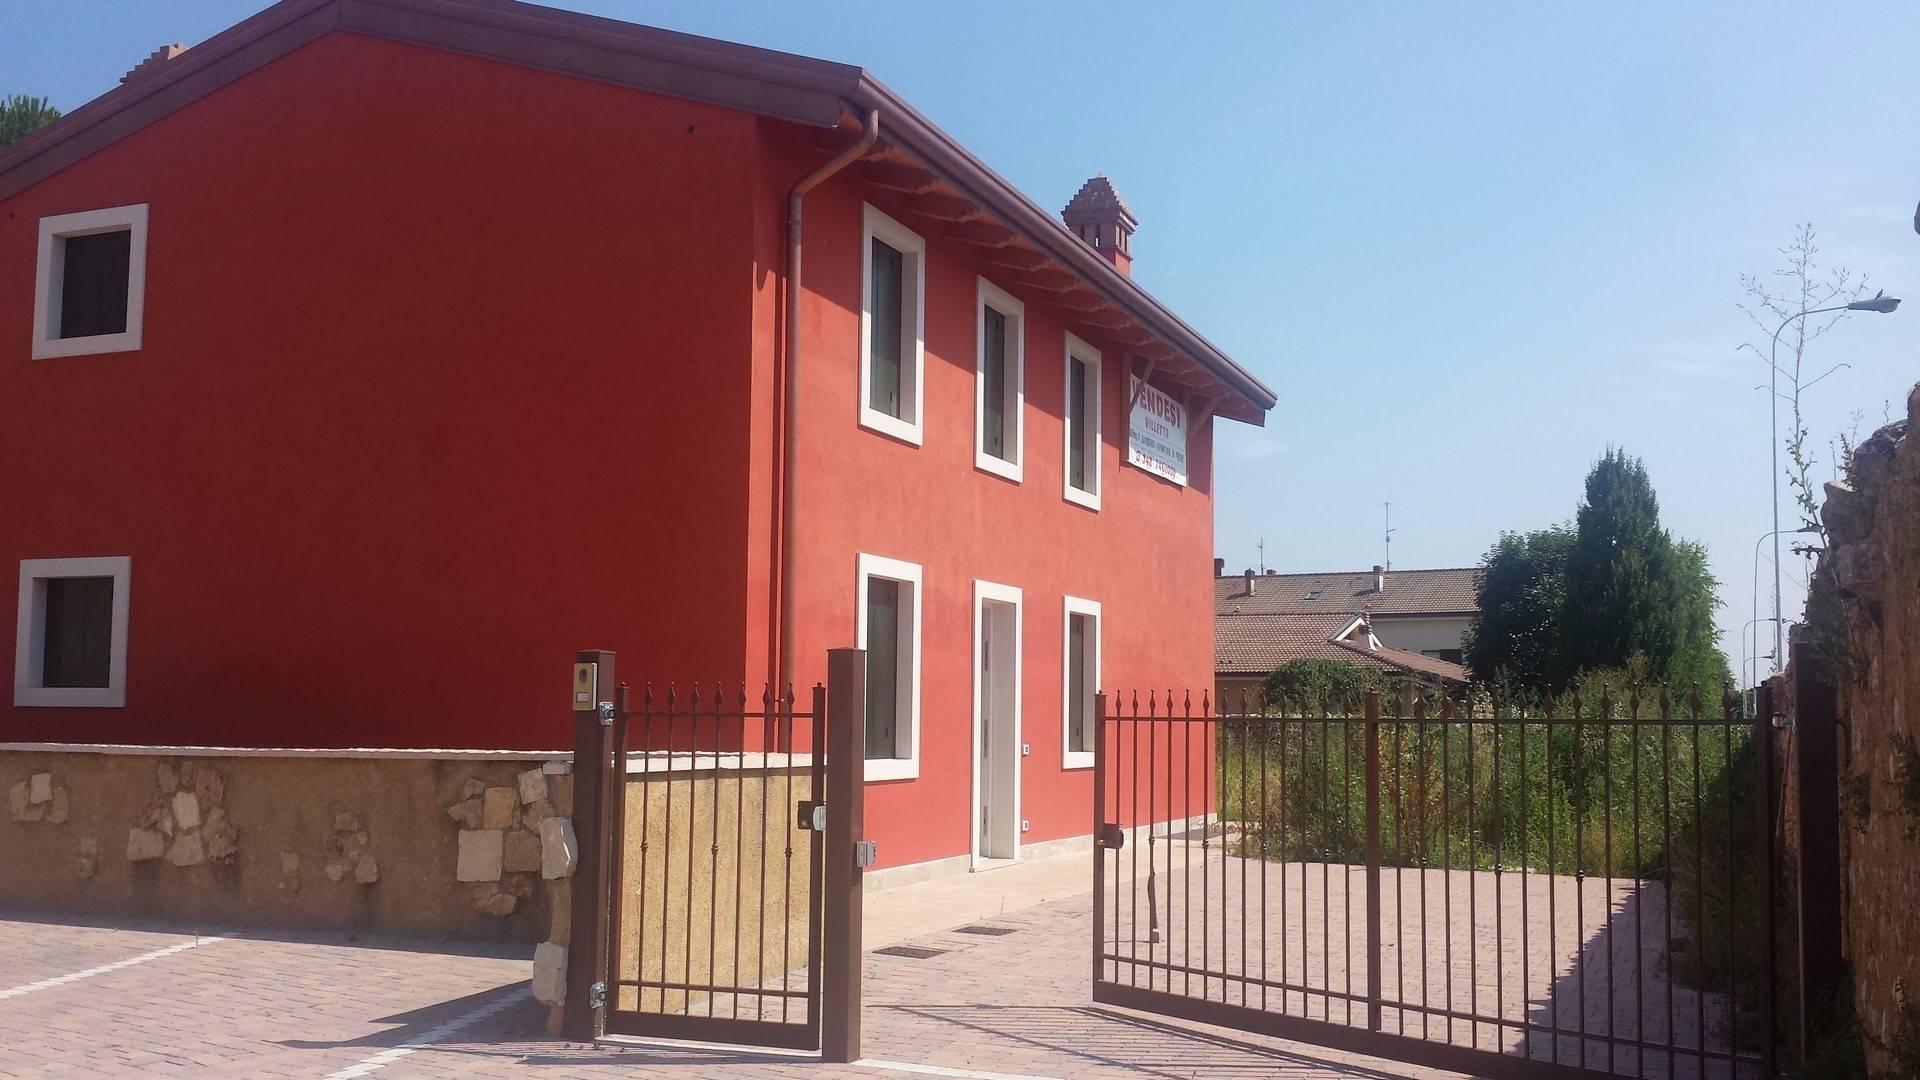 Azienda Agricola in vendita a Colognola ai Colli, 6 locali, prezzo € 410.000 | Cambio Casa.it